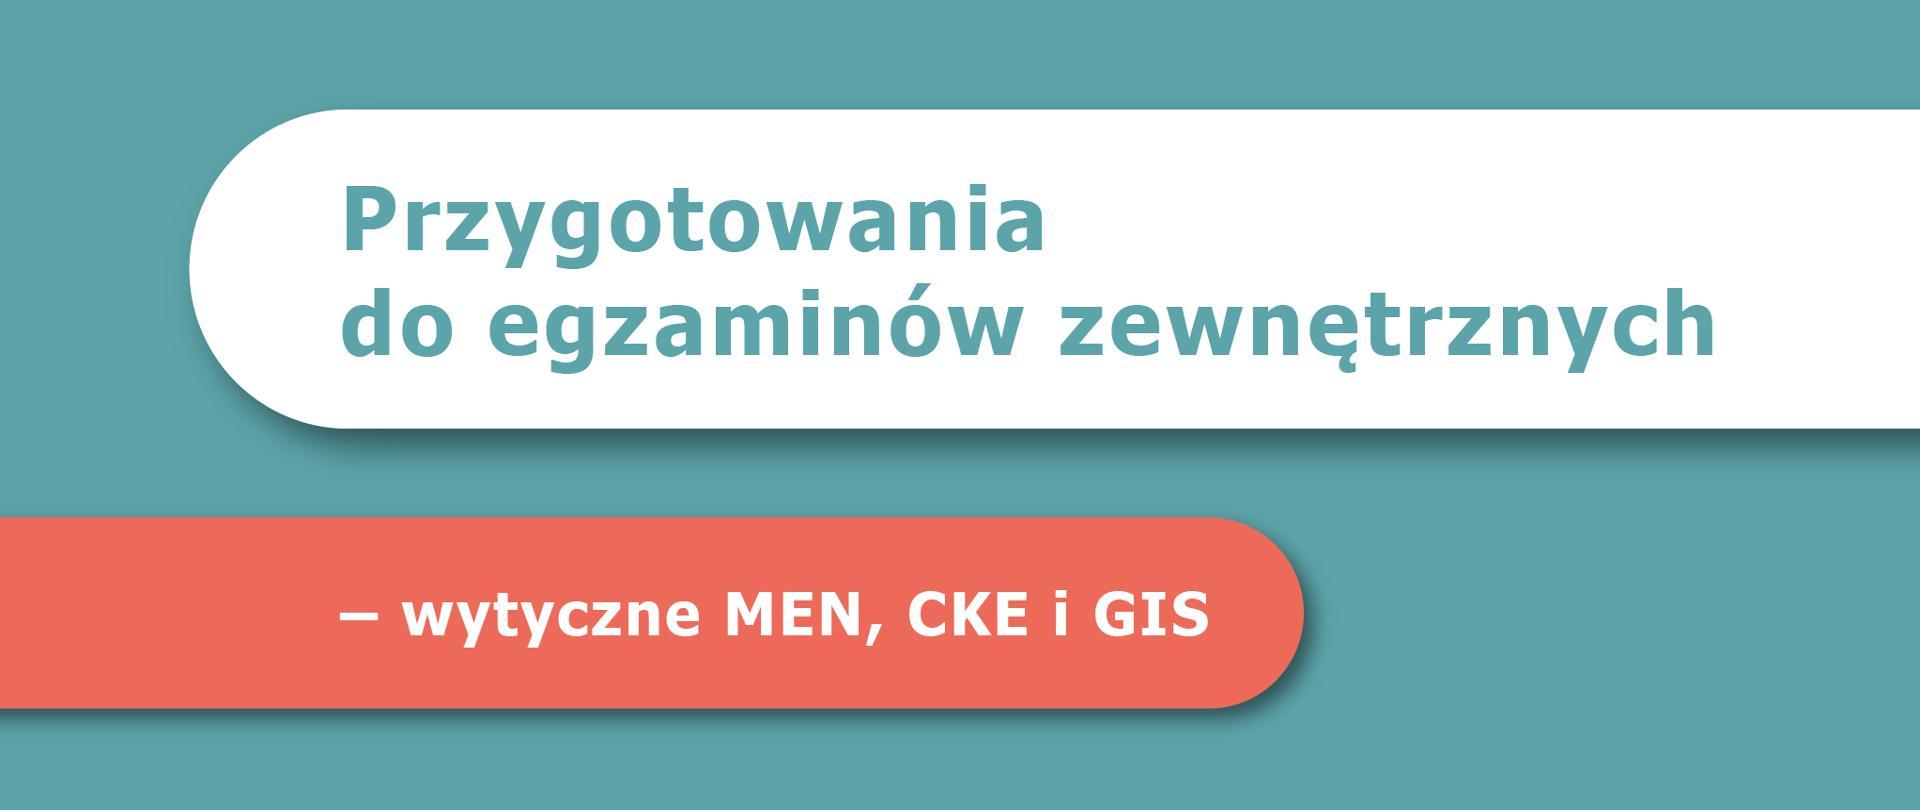 """Grafika z tekstem: """"Przygotowania do egzaminów zewnętrznych – wytyczne MEN, CKE i GIS"""""""